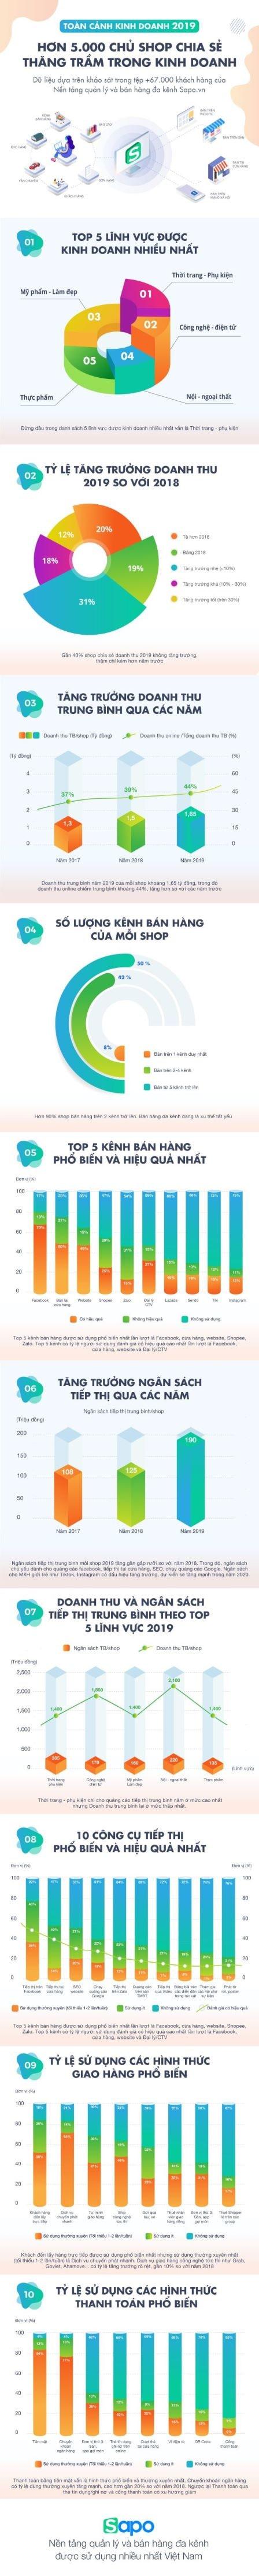 Infographic-Sapo